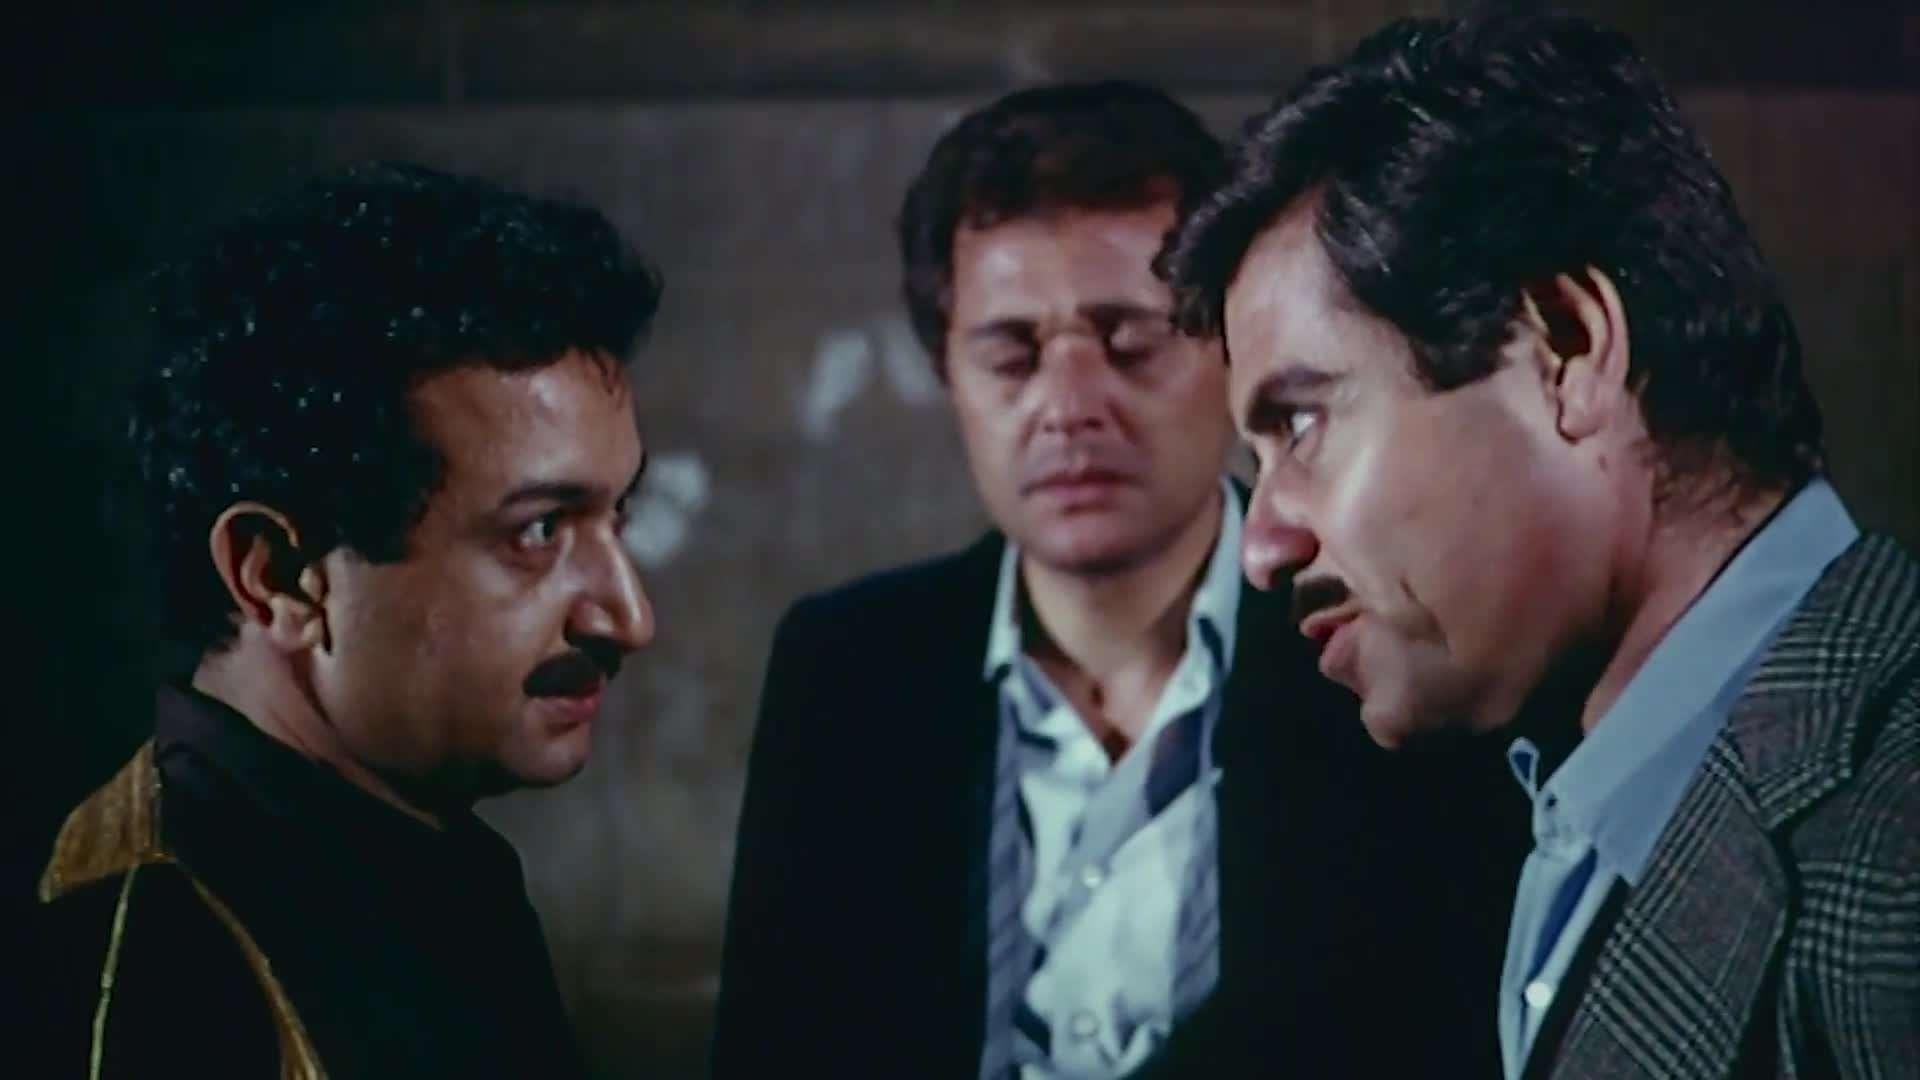 [فيلم][تورنت][تحميل][العار][1982][1080p][Web-DL] 14 arabp2p.com